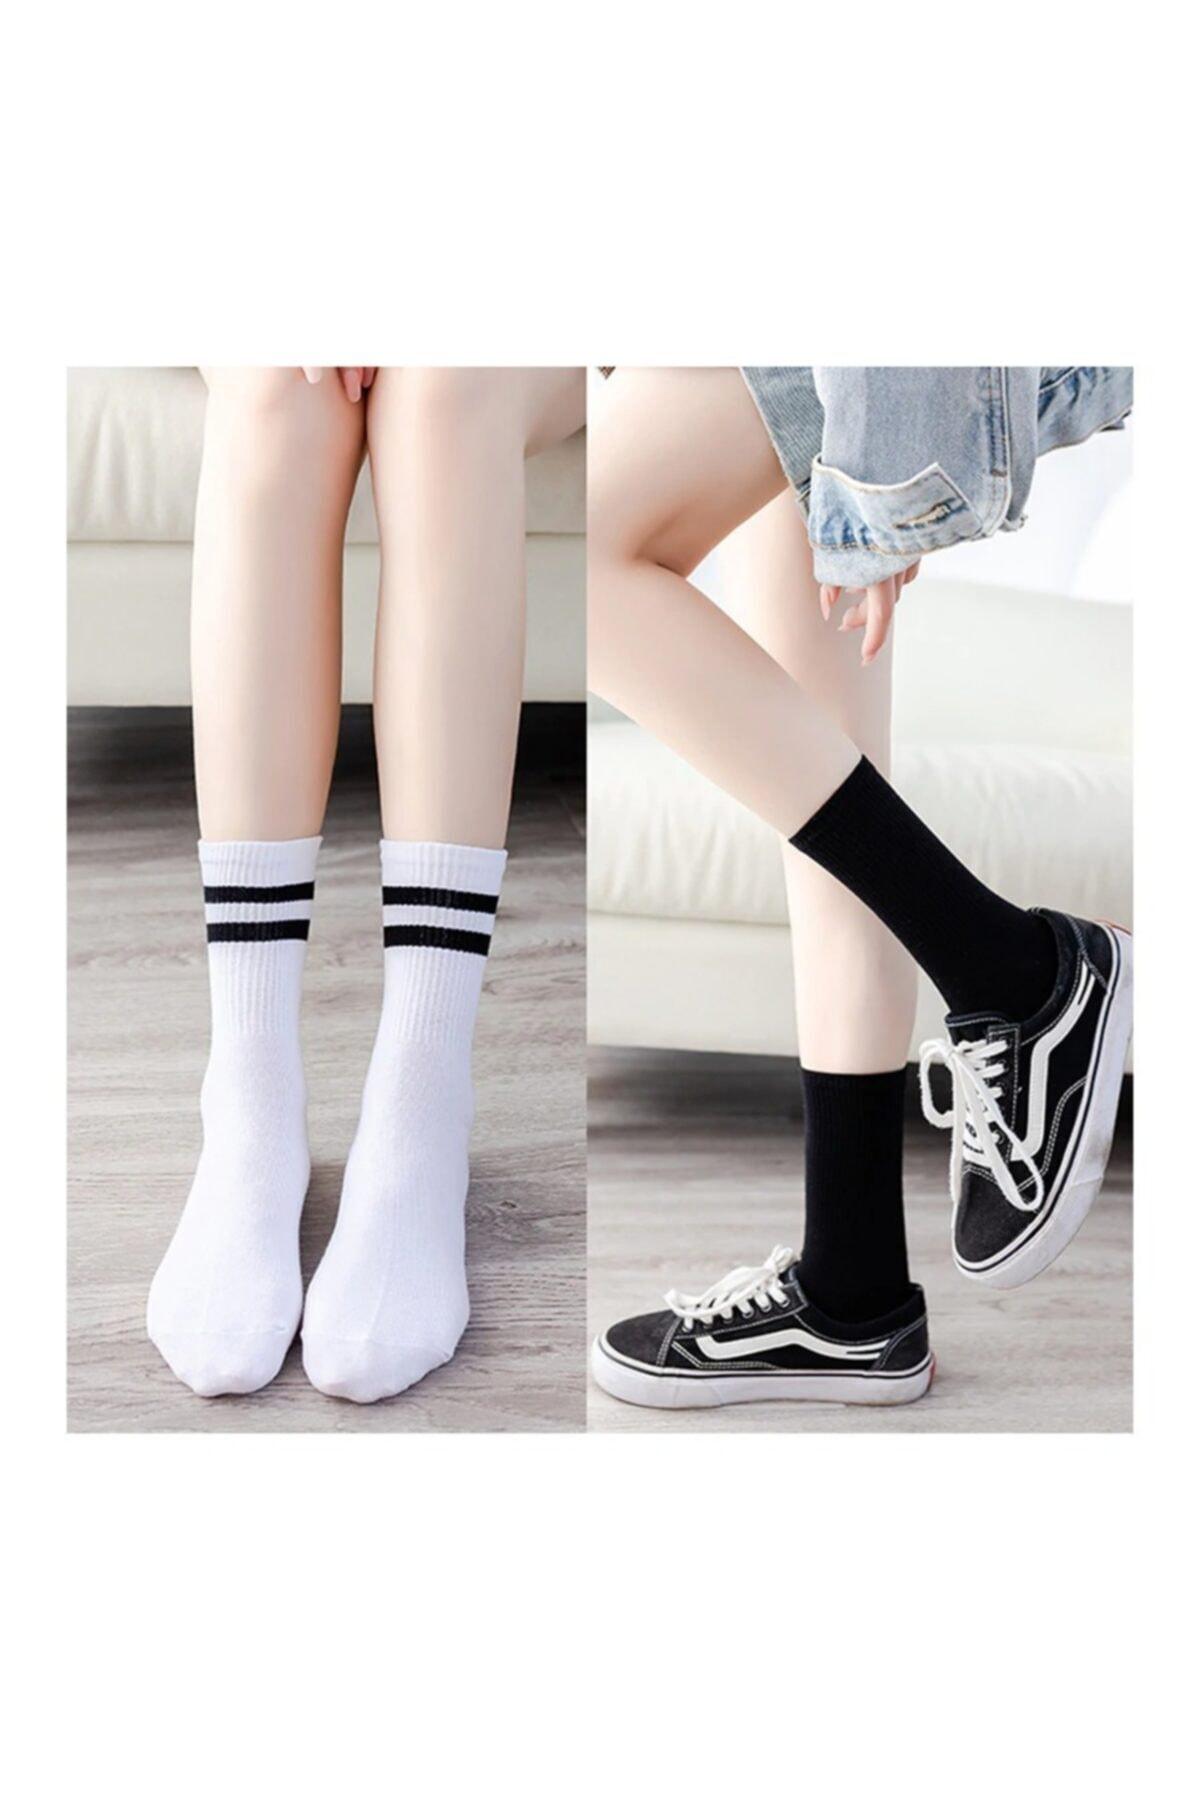 6' Lı Paket Siyah+beyaz Çizgili - Çizgisiz Pamuklu Kolej Tenis Çorap